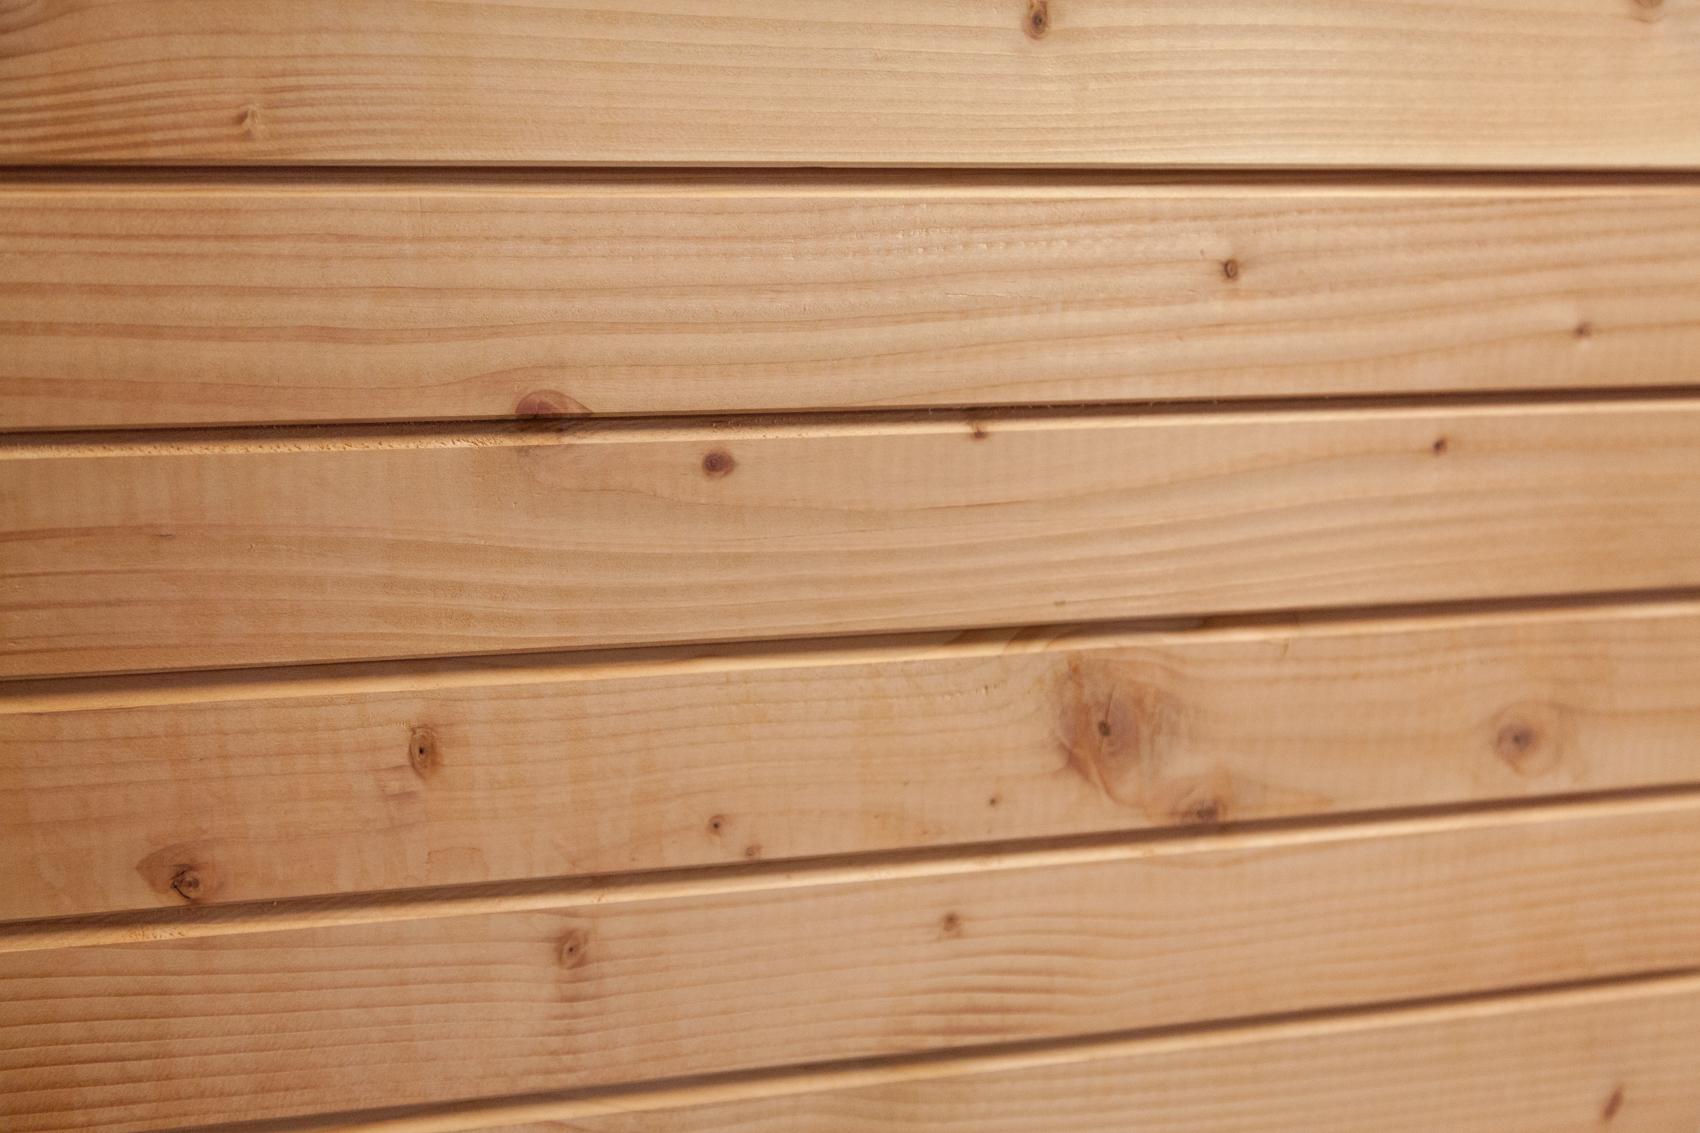 Entretien Table Bois Photos De Conception De Maison Elrup com # Entretien Bardage Bois